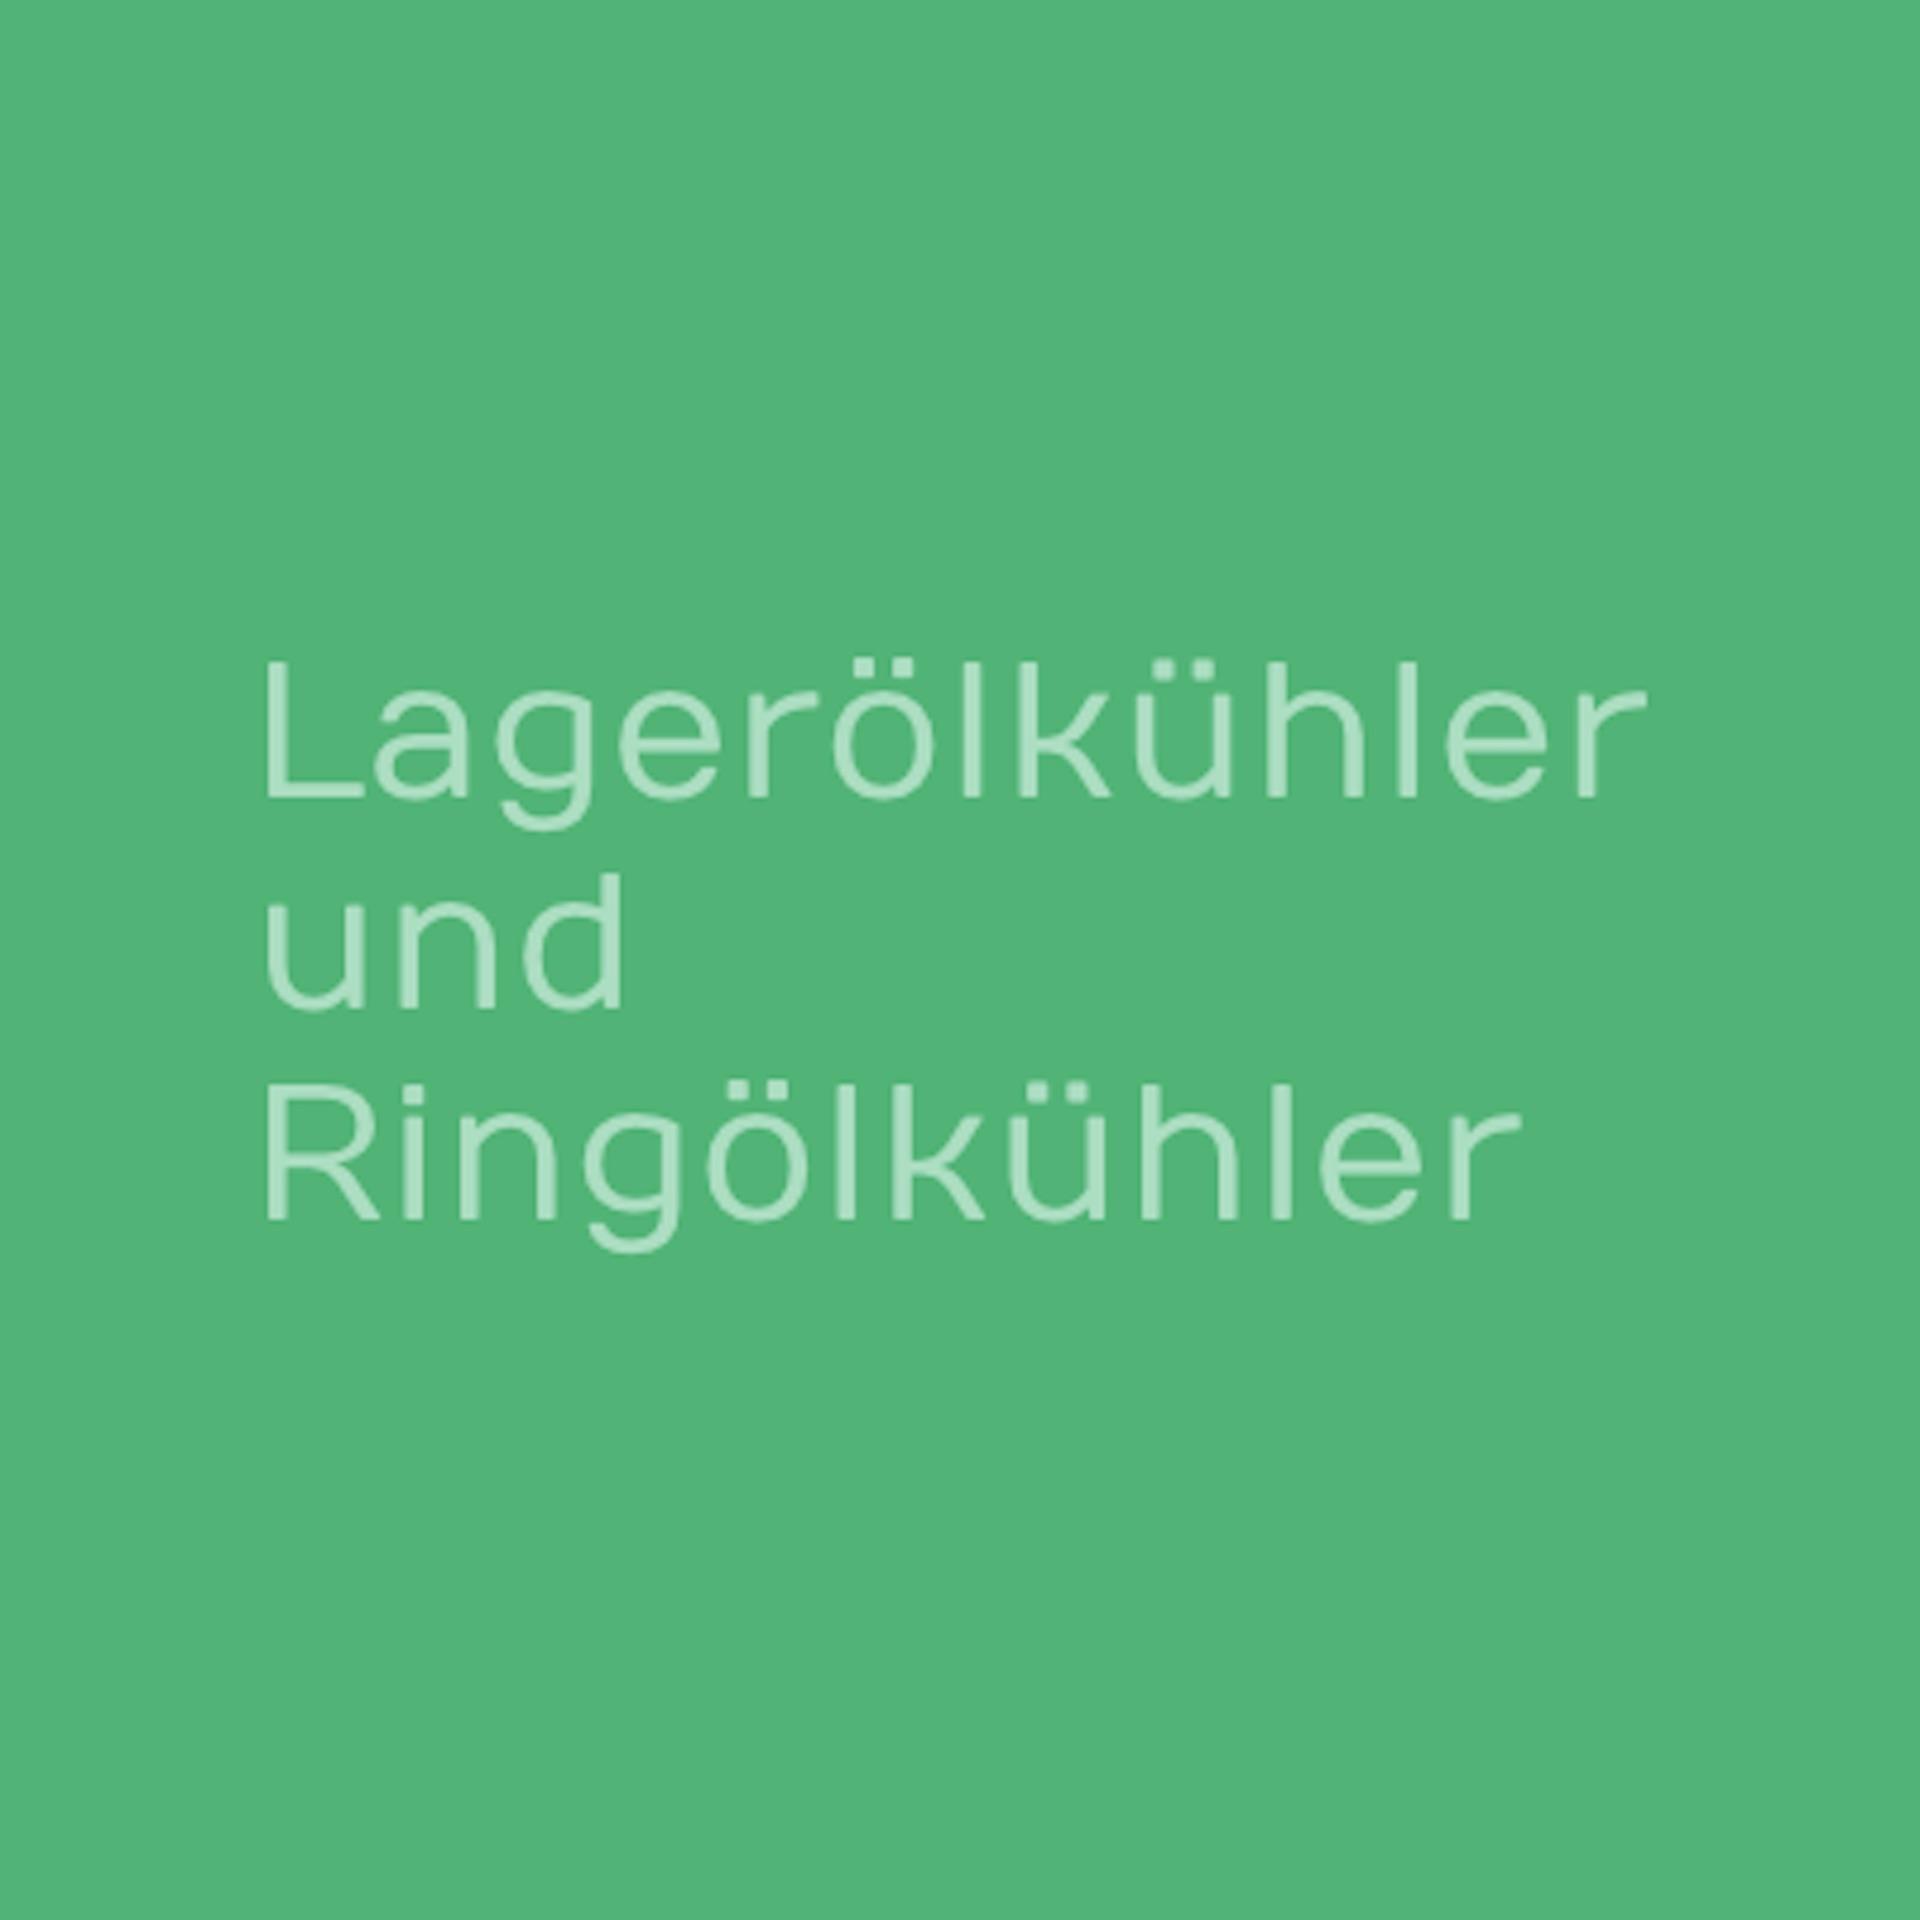 GWA_Lagerkuehler_und_Ringoelkuehler_Gesellschaft_fuer_Waerme_und_Anlagentechnik_mbH